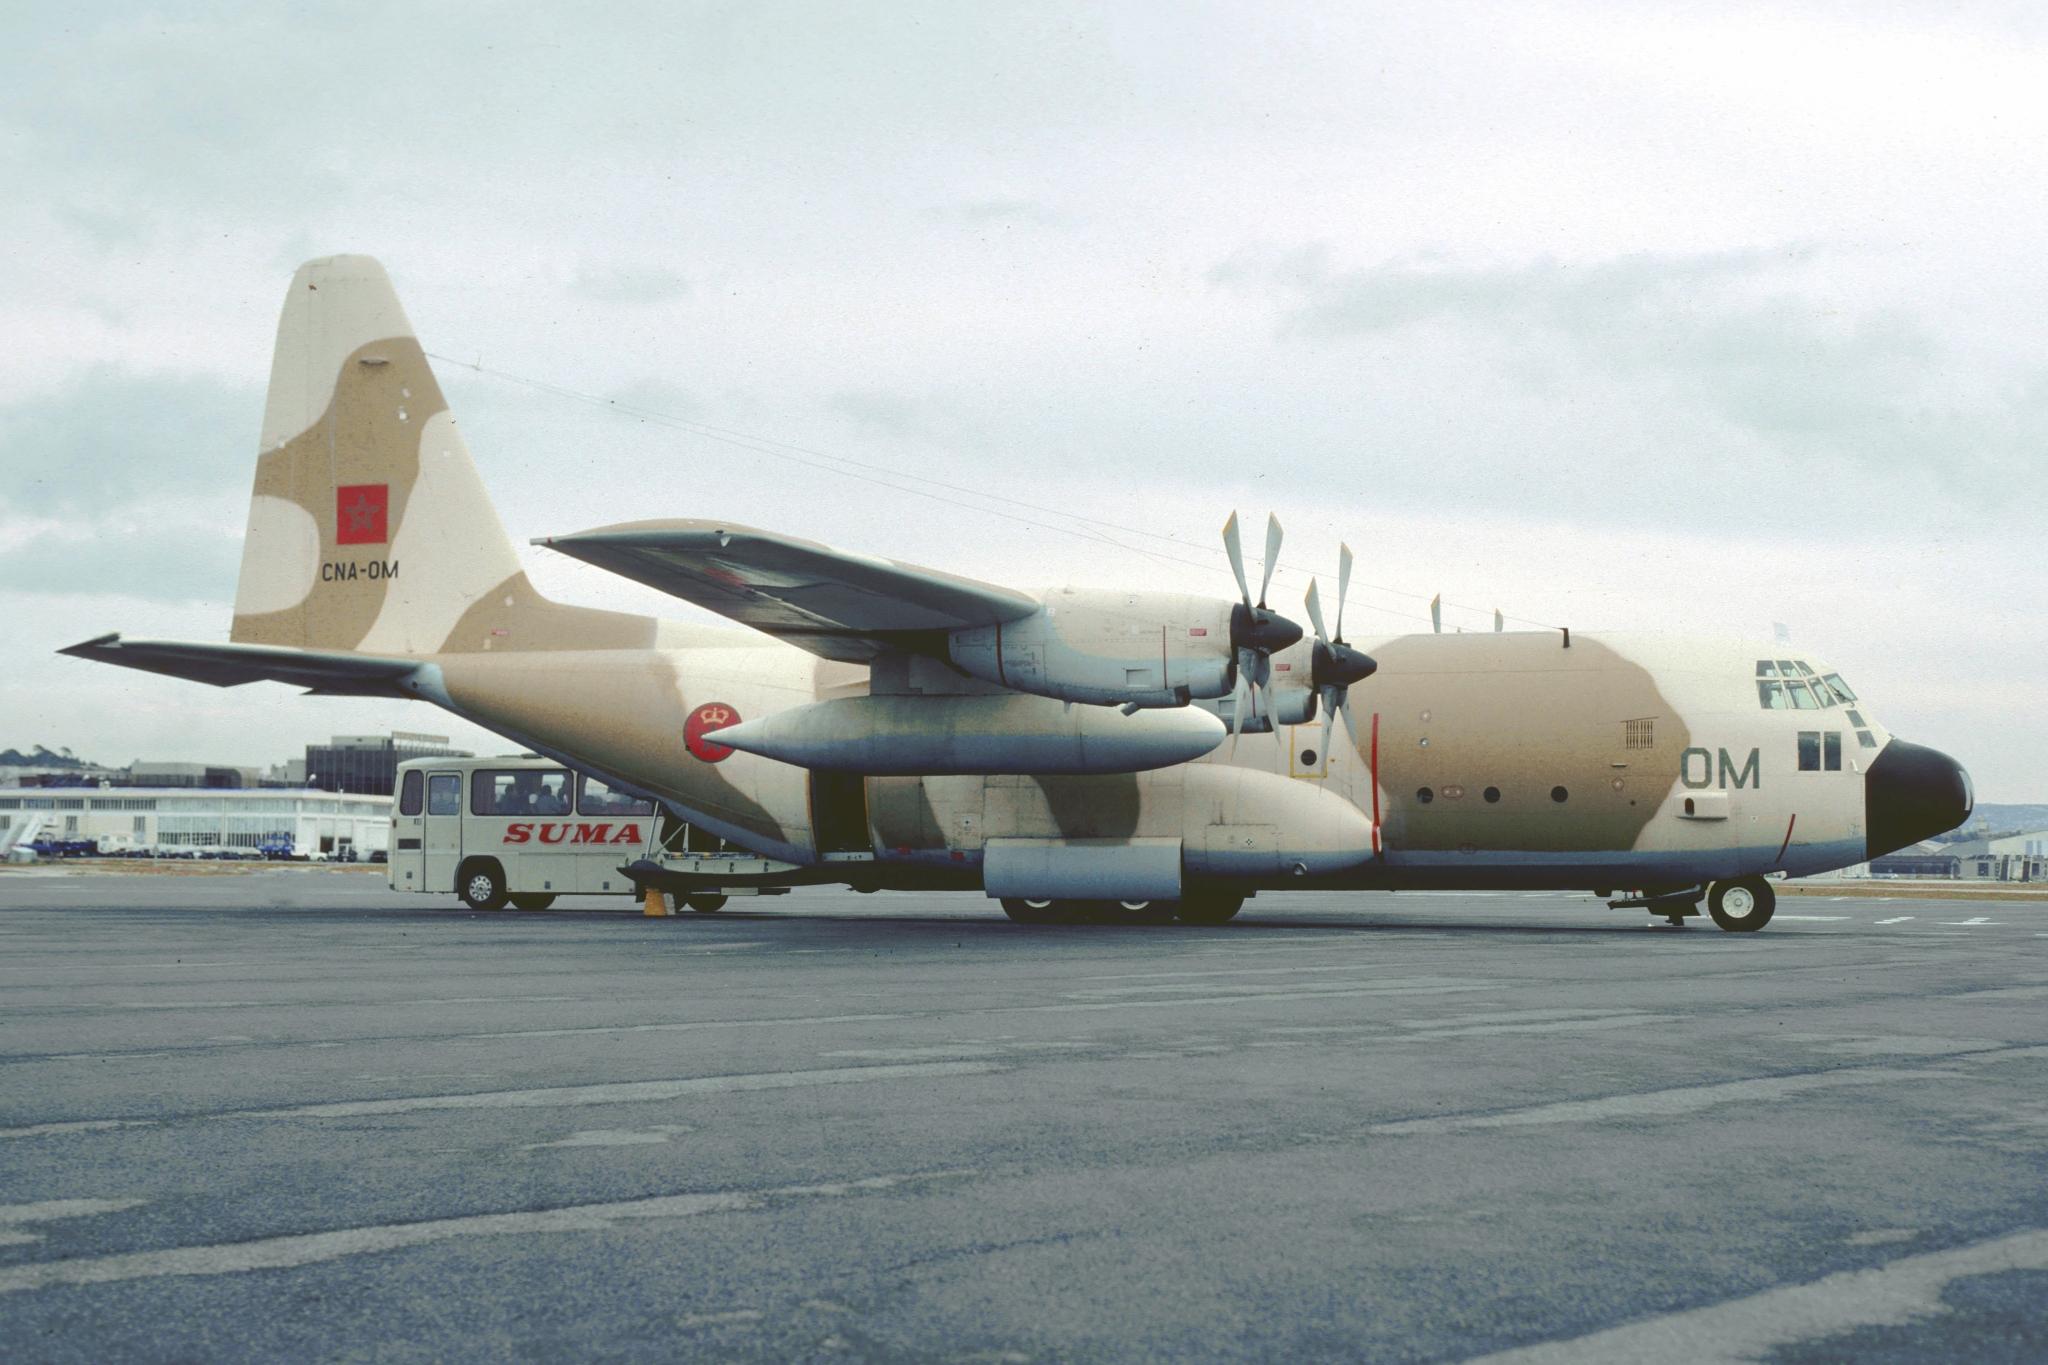 FRA: Photos d'avions de transport - Page 38 48870712072_fa8a2c79de_o